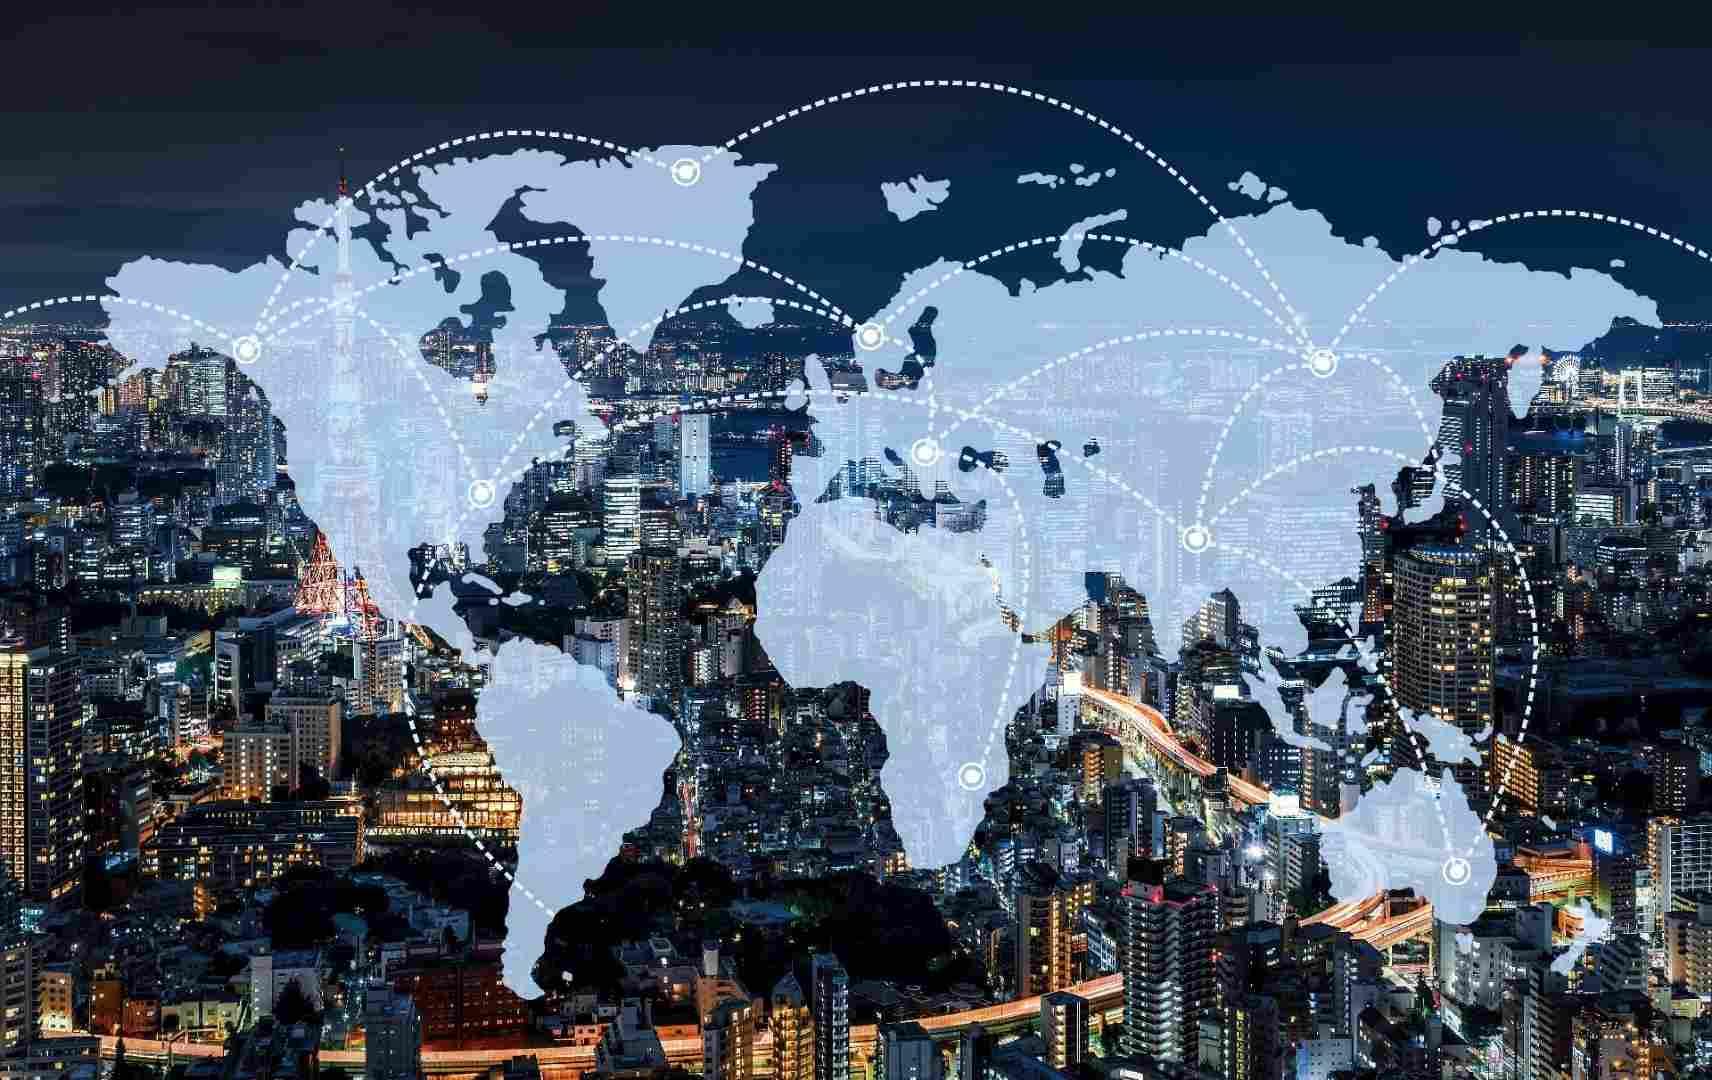 Weltkarte mit Netzwerkverbindungen im Vordergrund, Bild von Tokio bei Nacht im Hintergrund